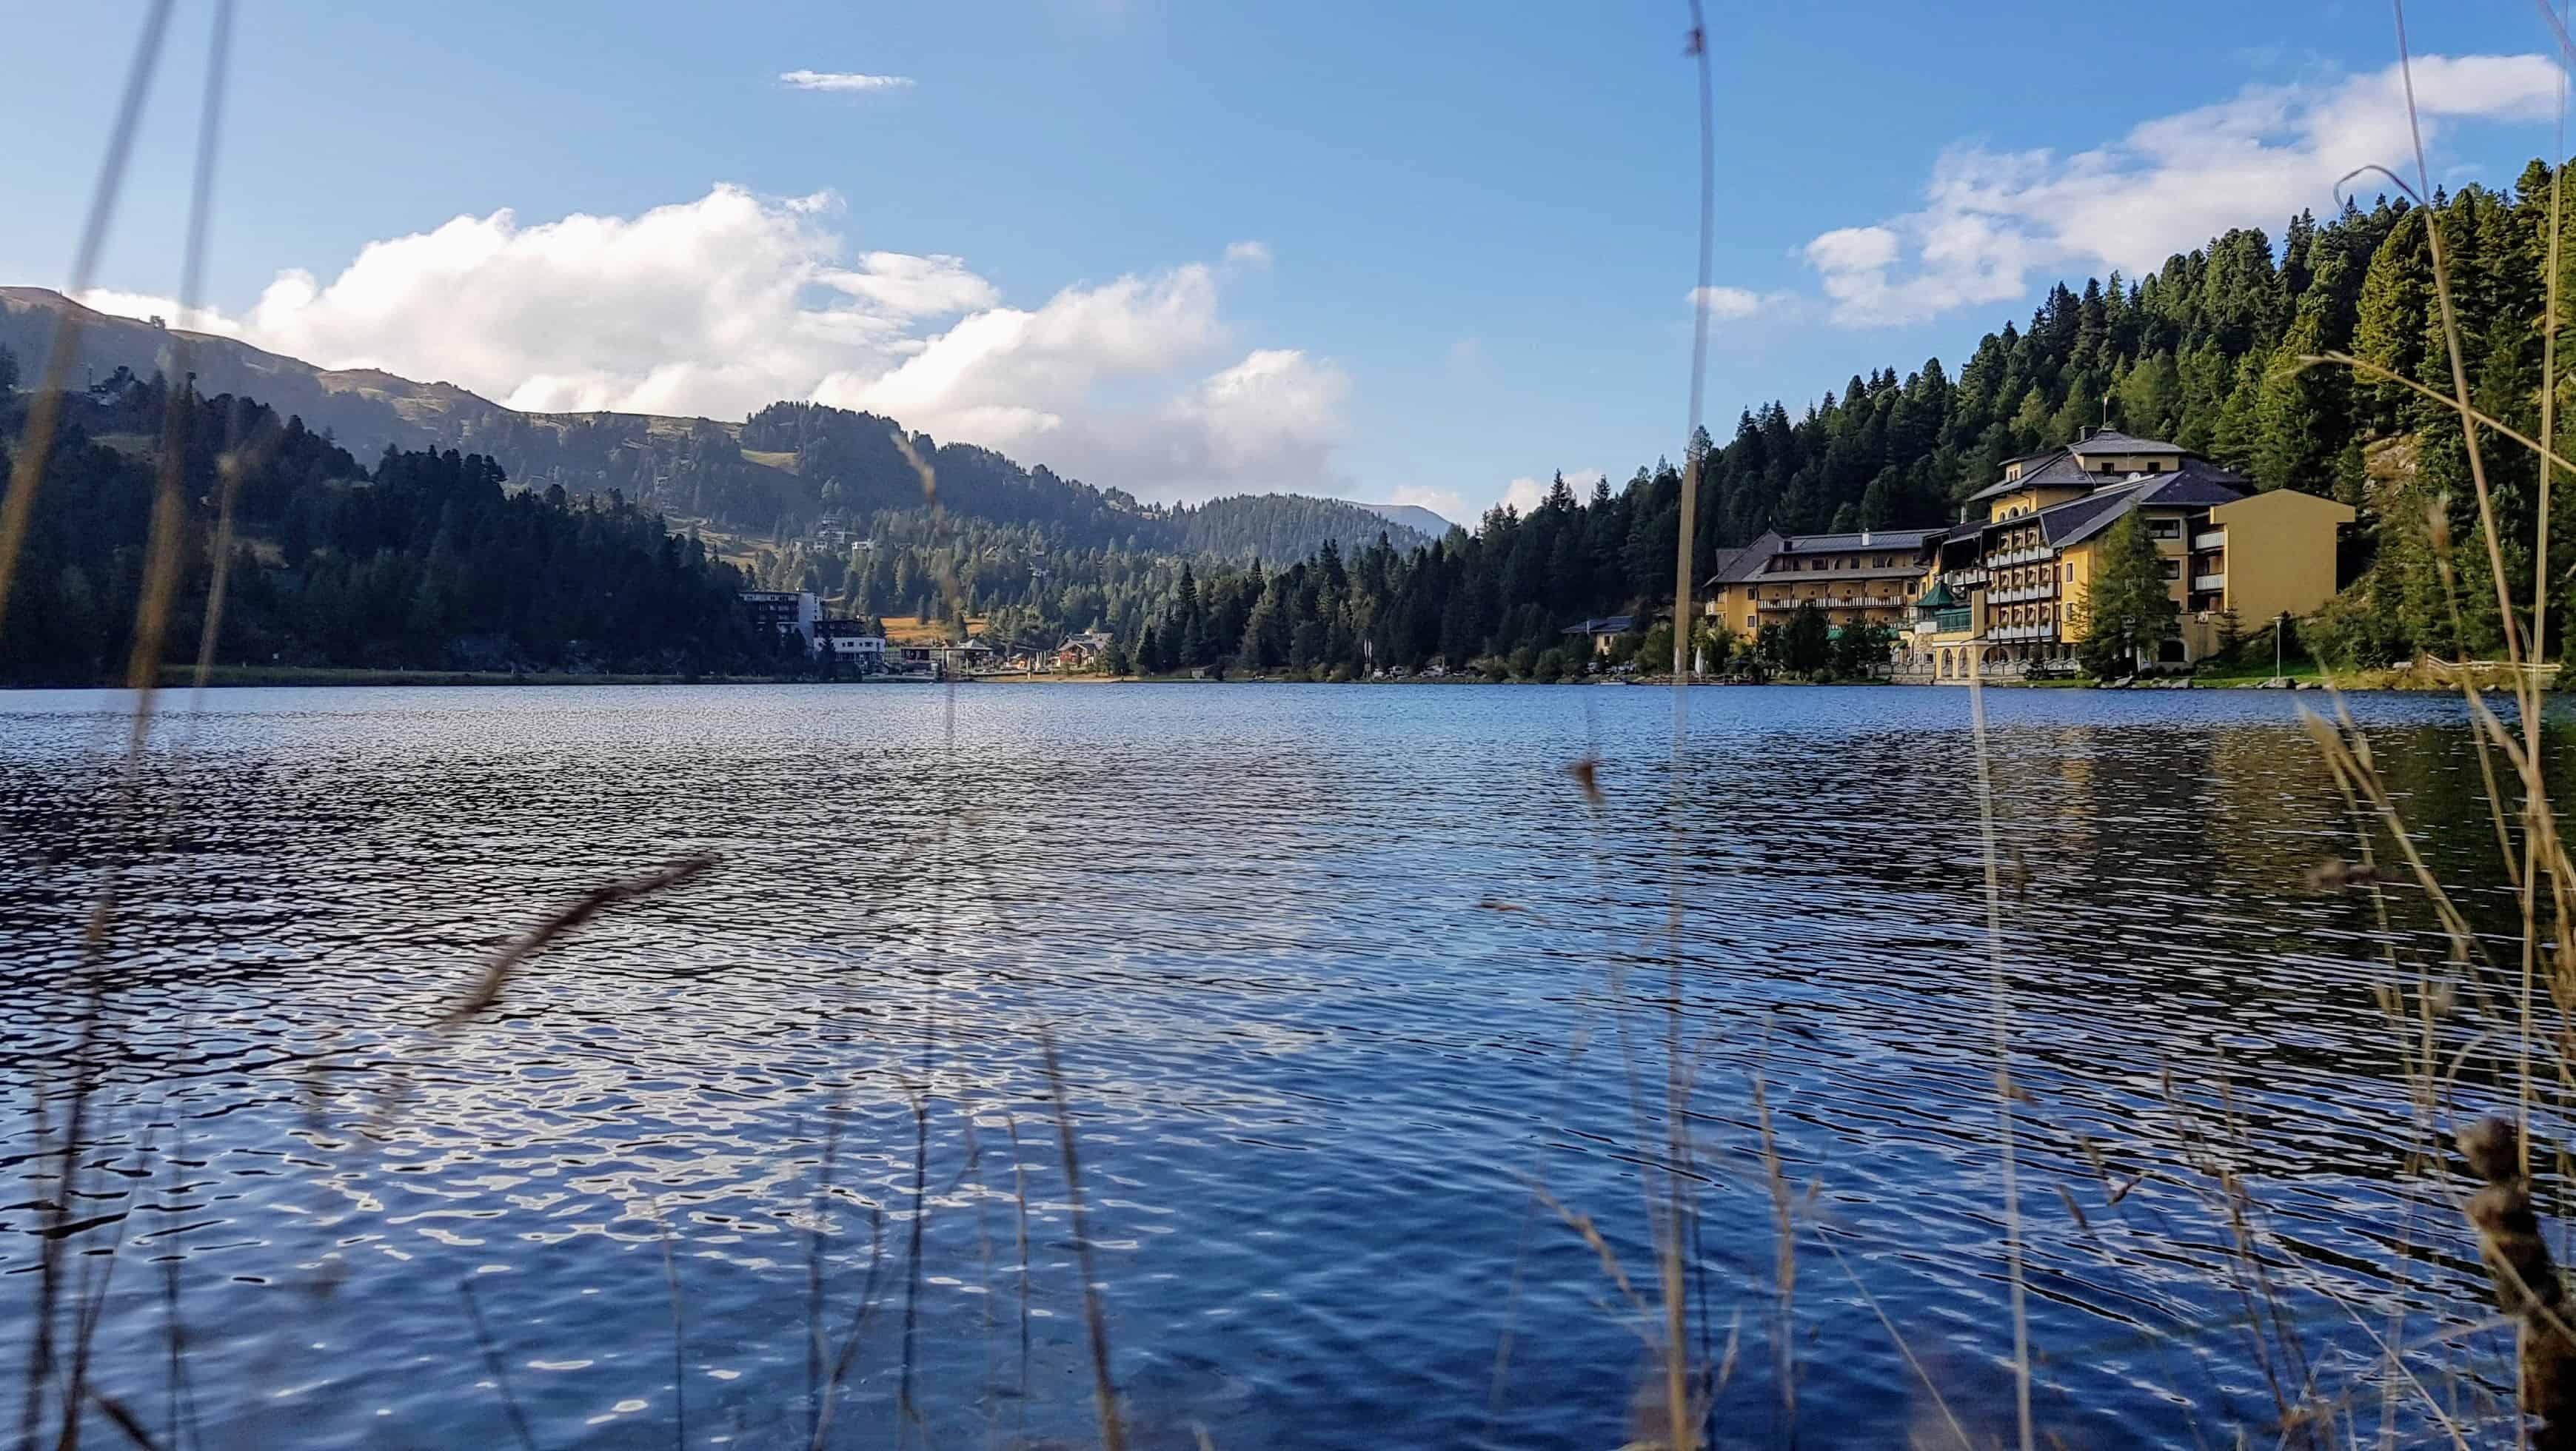 Turracher See als Ausflugstipp in der Region Nockberge bei der Grenze Kärnten und Steiermark auf der Turrach